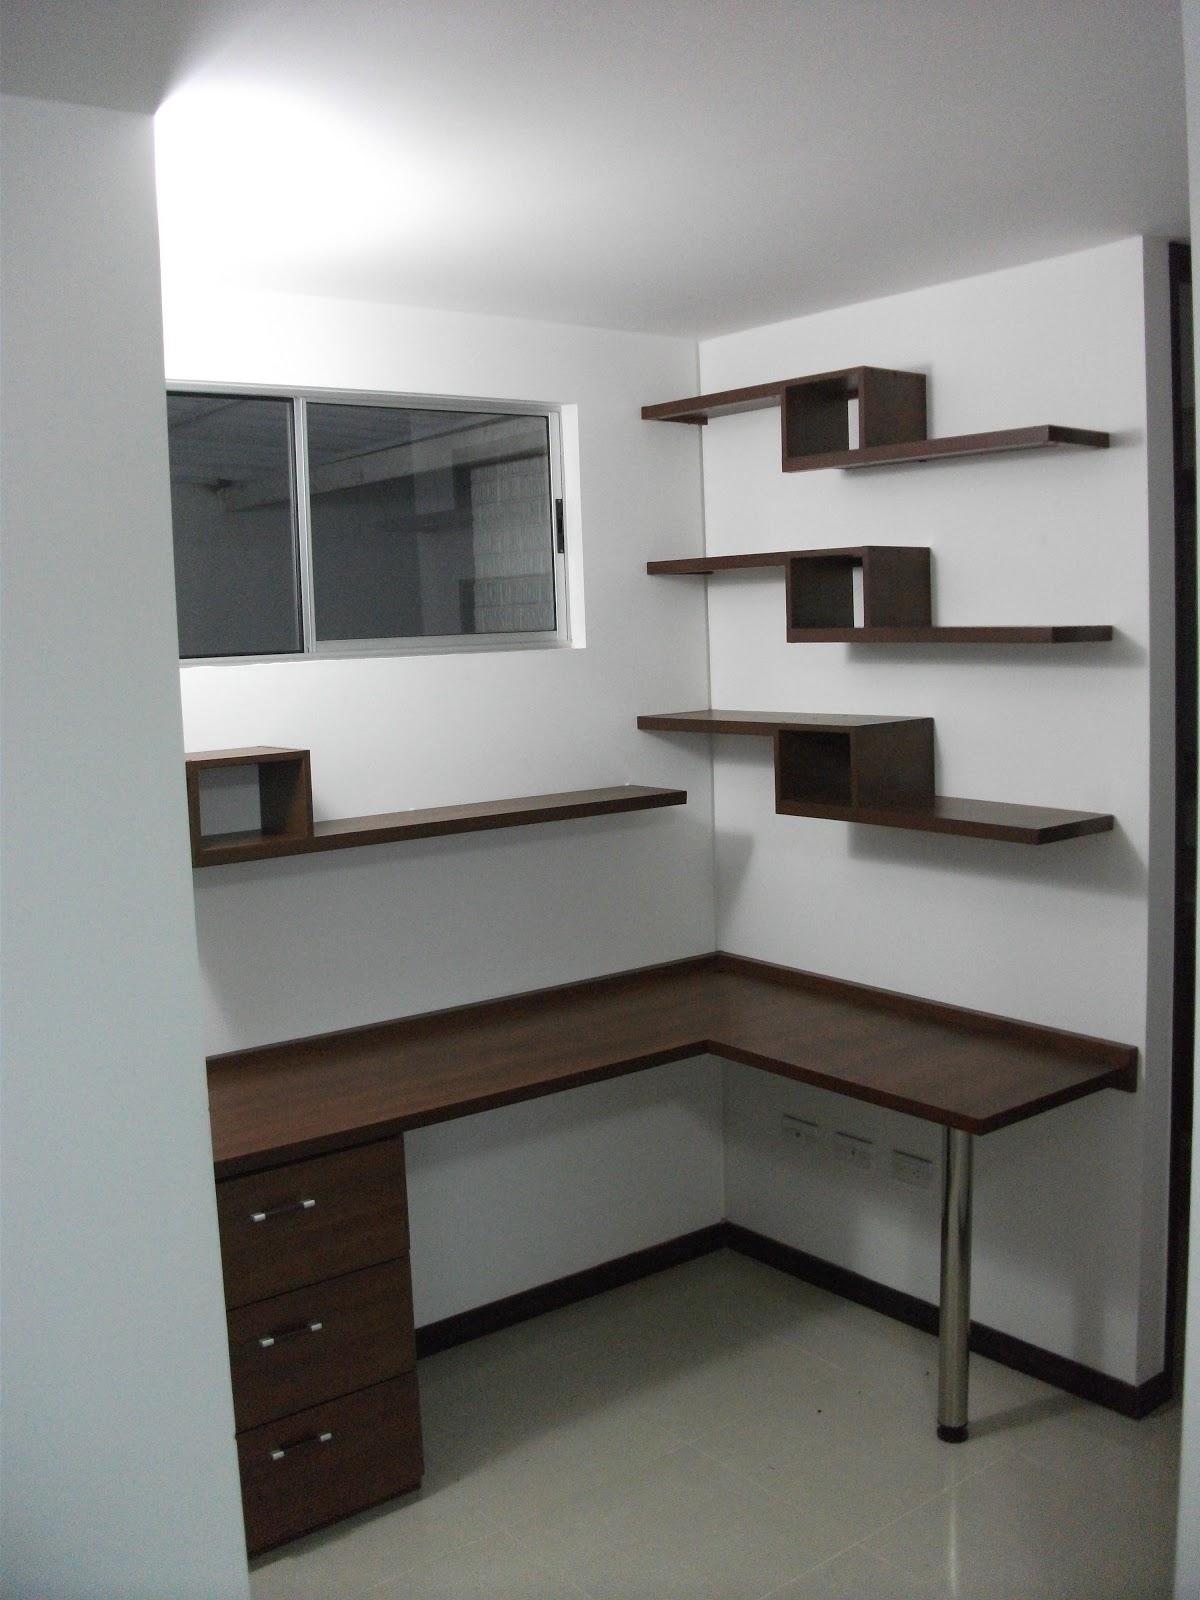 Dise o de muebles para tu hogar y oficina en cali dise o for Muebles de estudio modernos